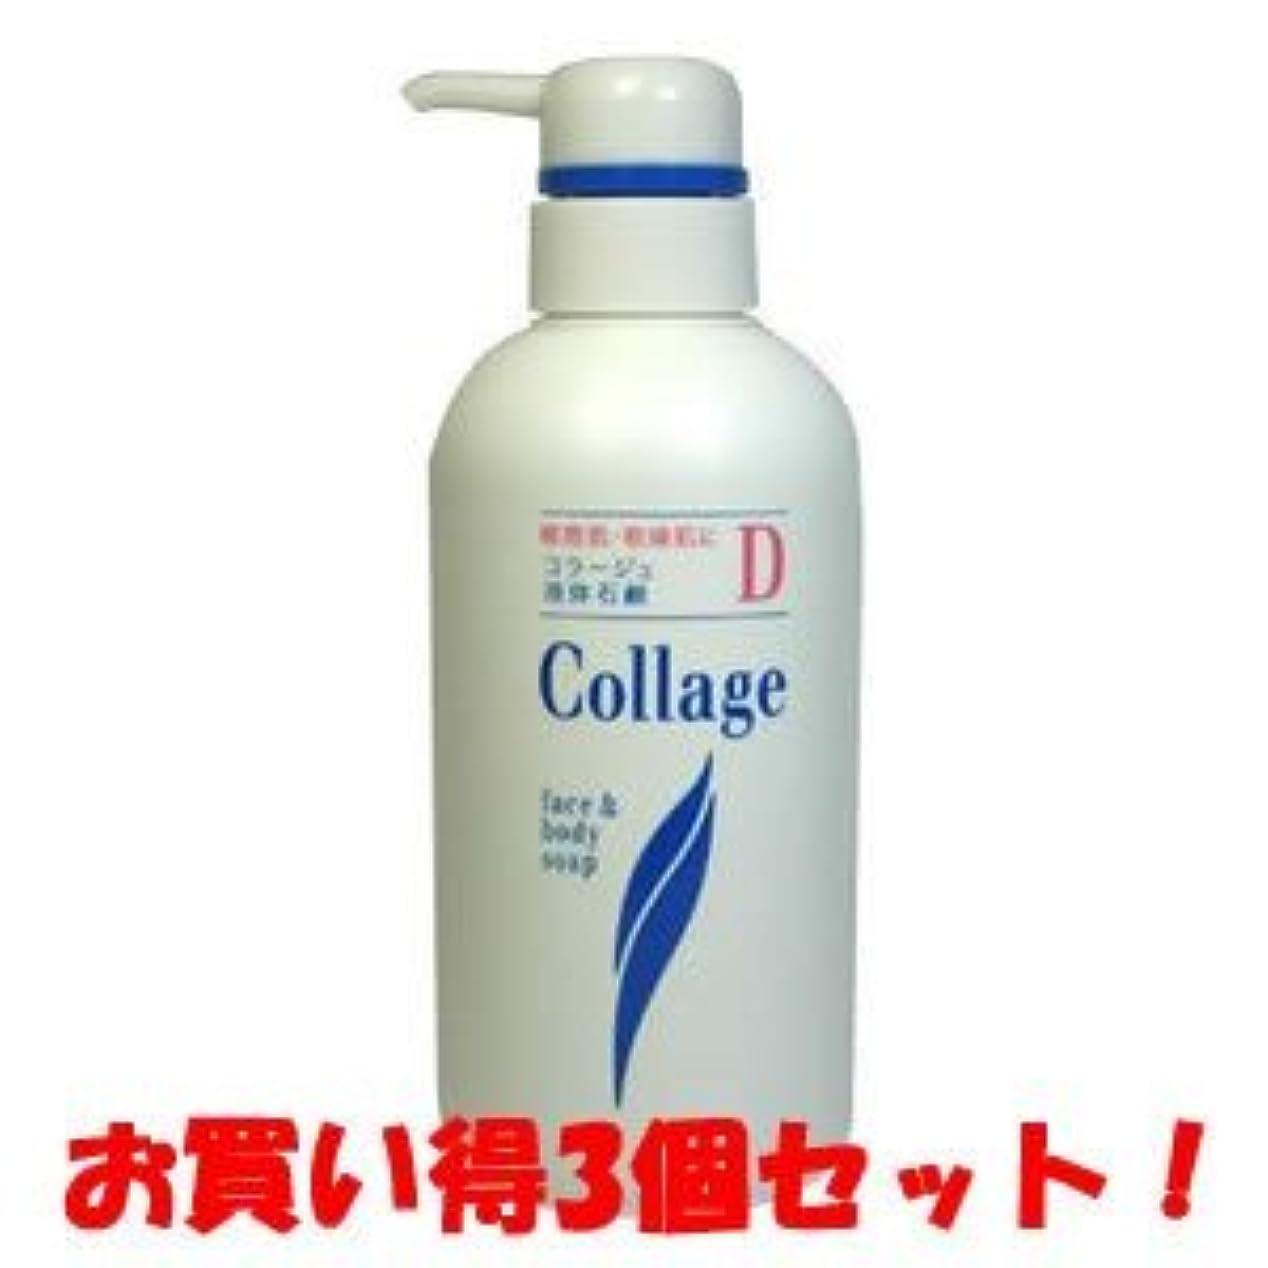 師匠チーズ翻訳する(持田ヘルスケア)コラージュD 液体石鹸 敏感肌?乾燥肌 400ml(お買い得3個セット)